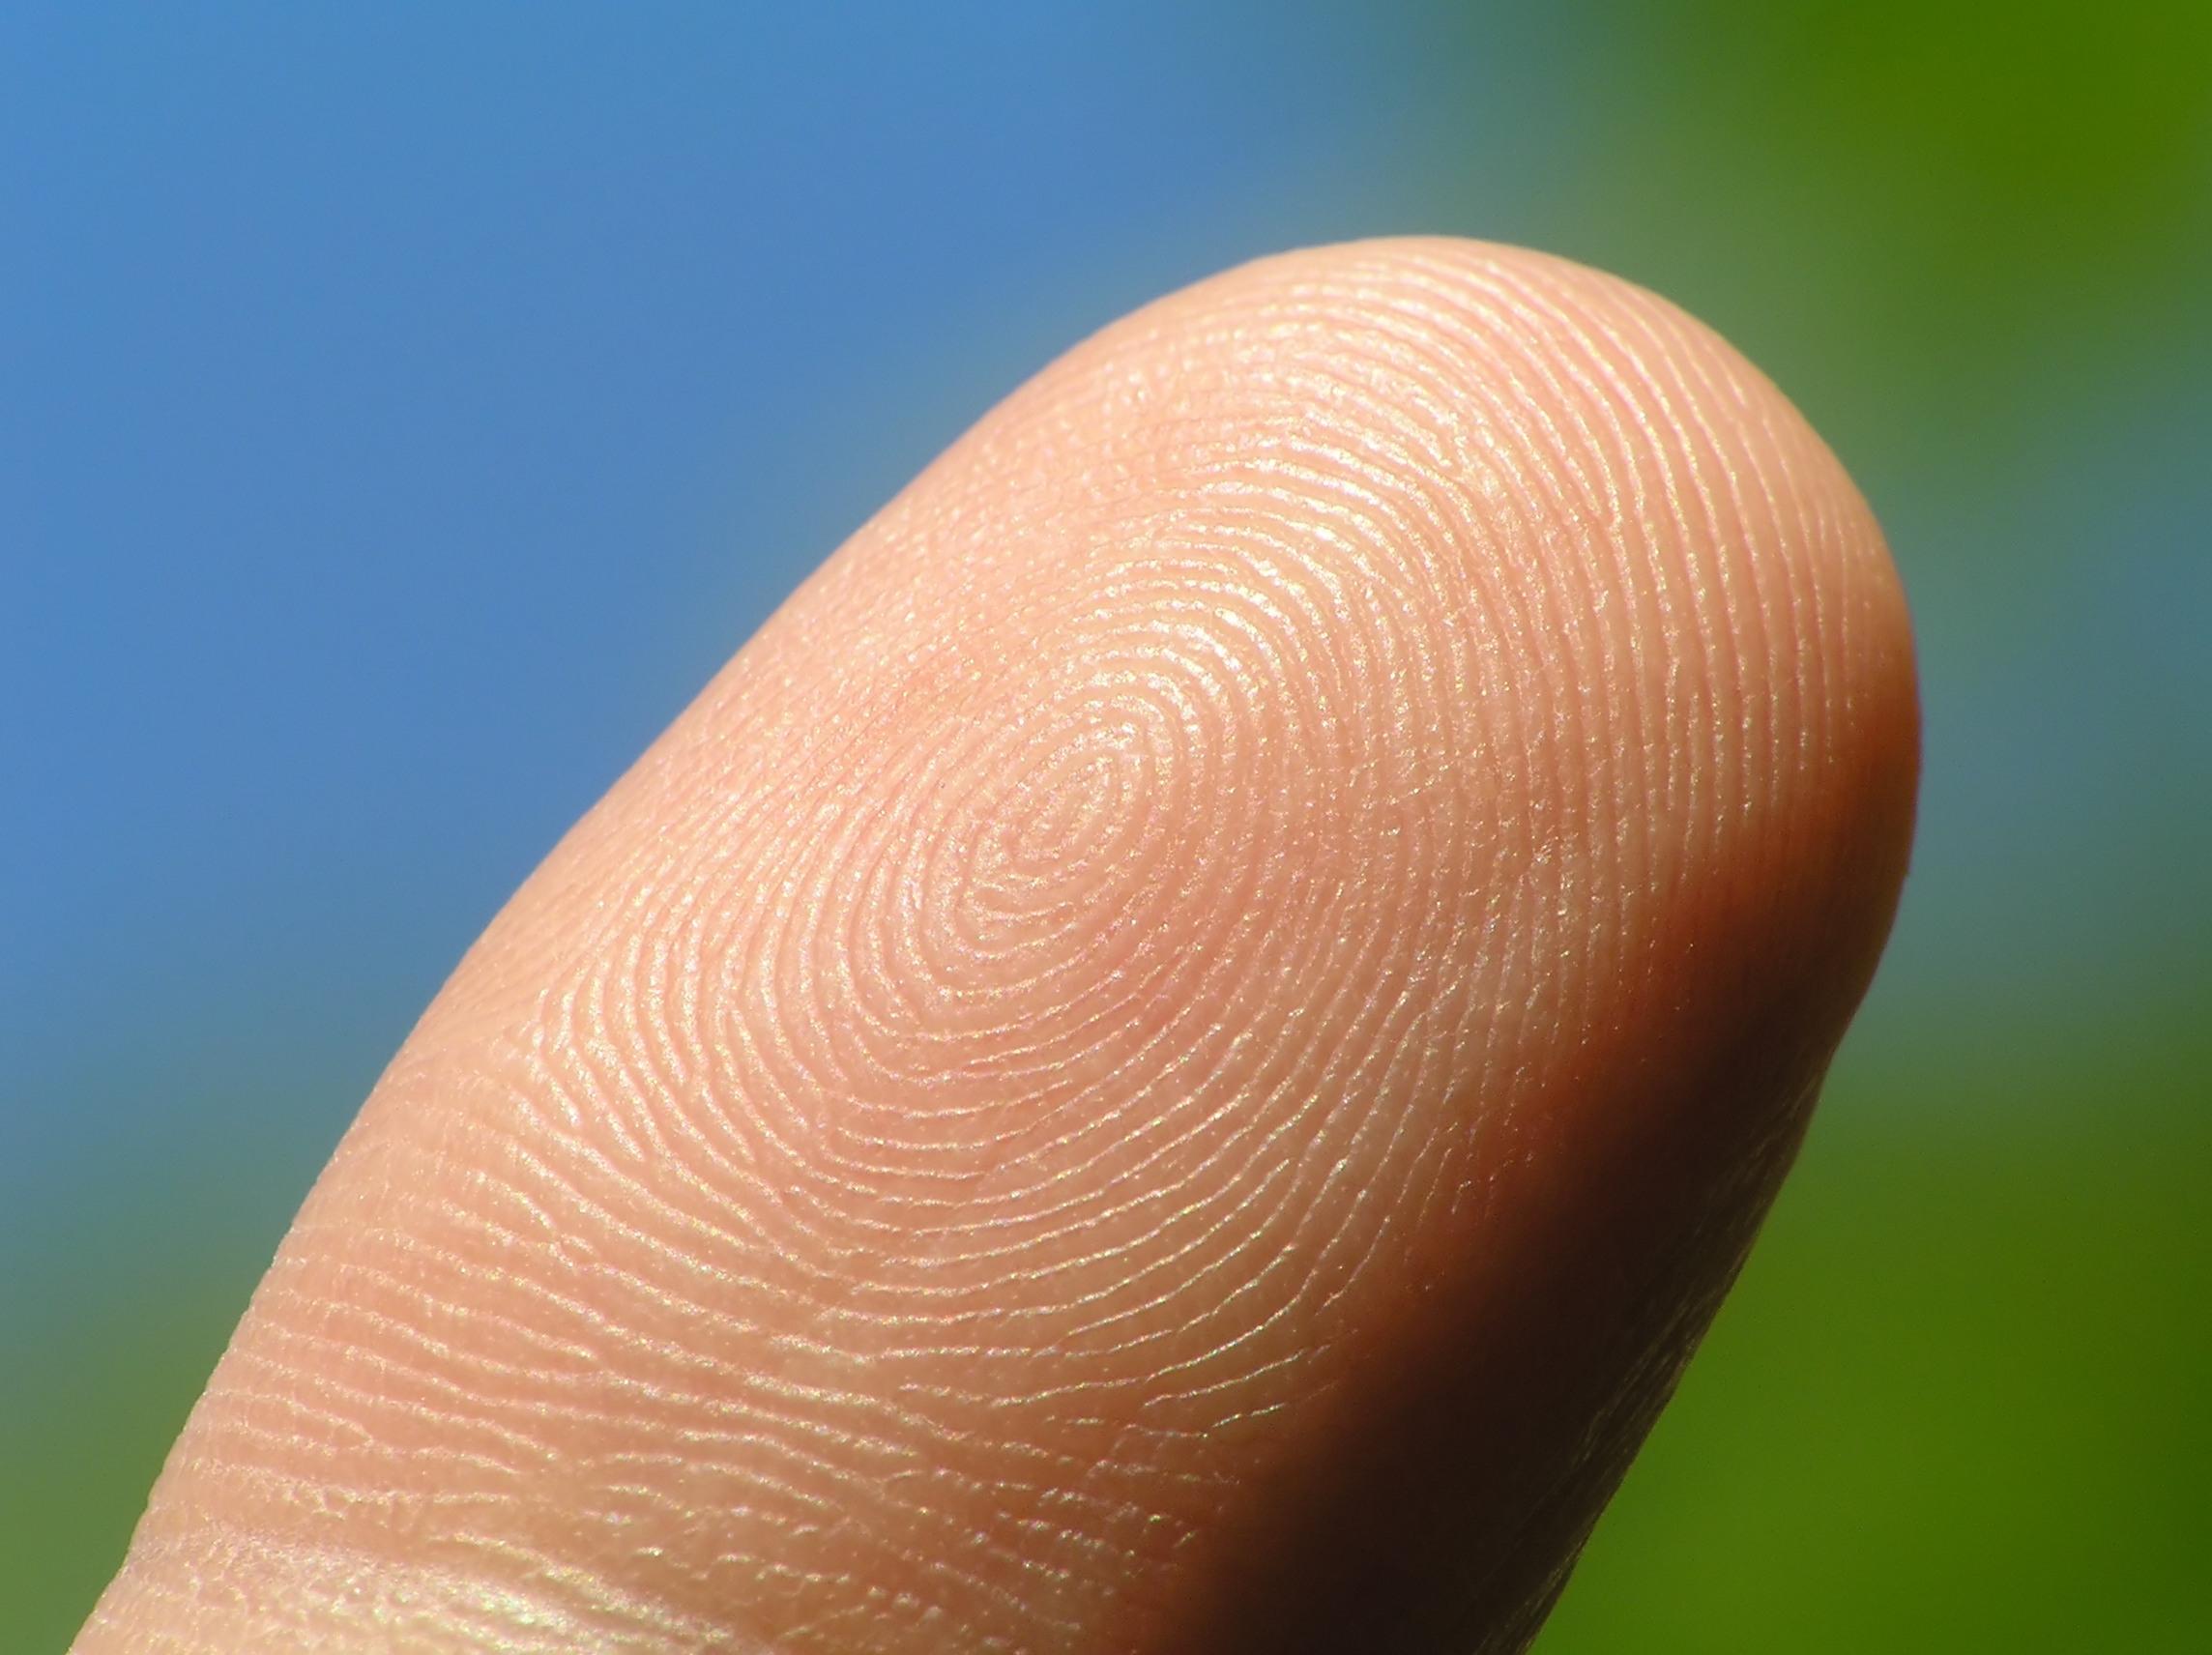 Mobeus backs fingerprint scanner developer Biosite